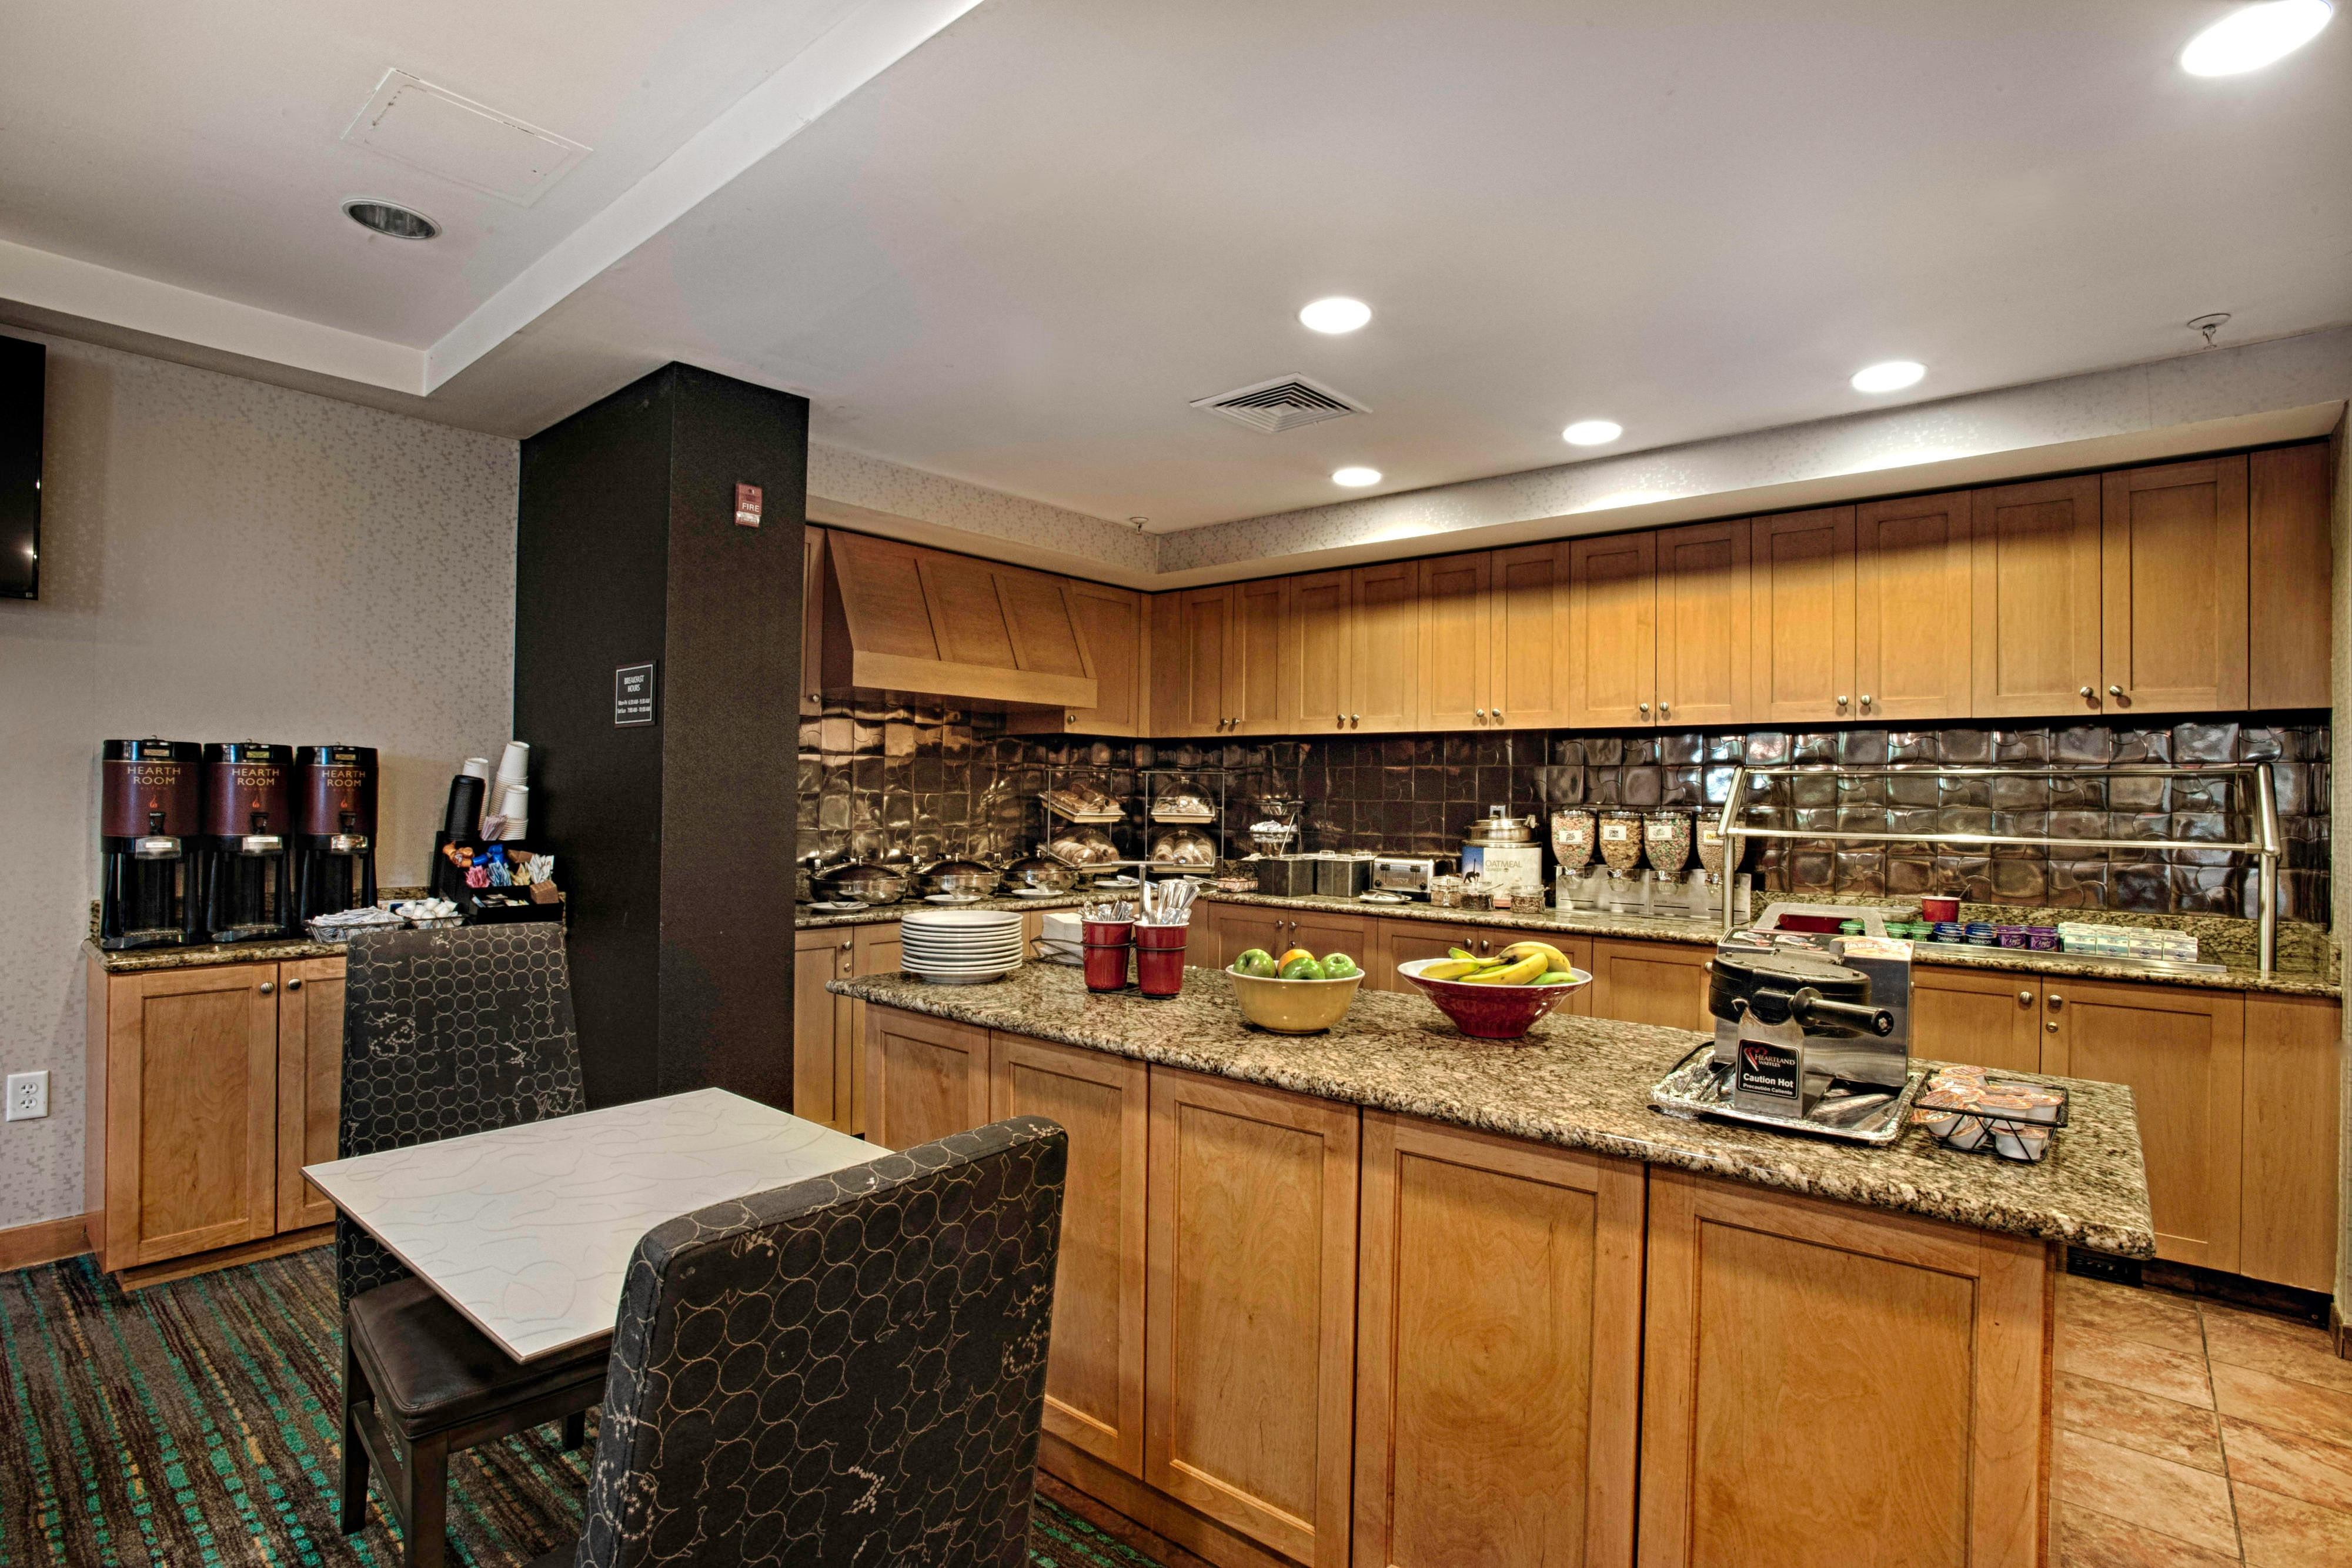 Atlantic City New Jersey Hotel Breakfast Buffet